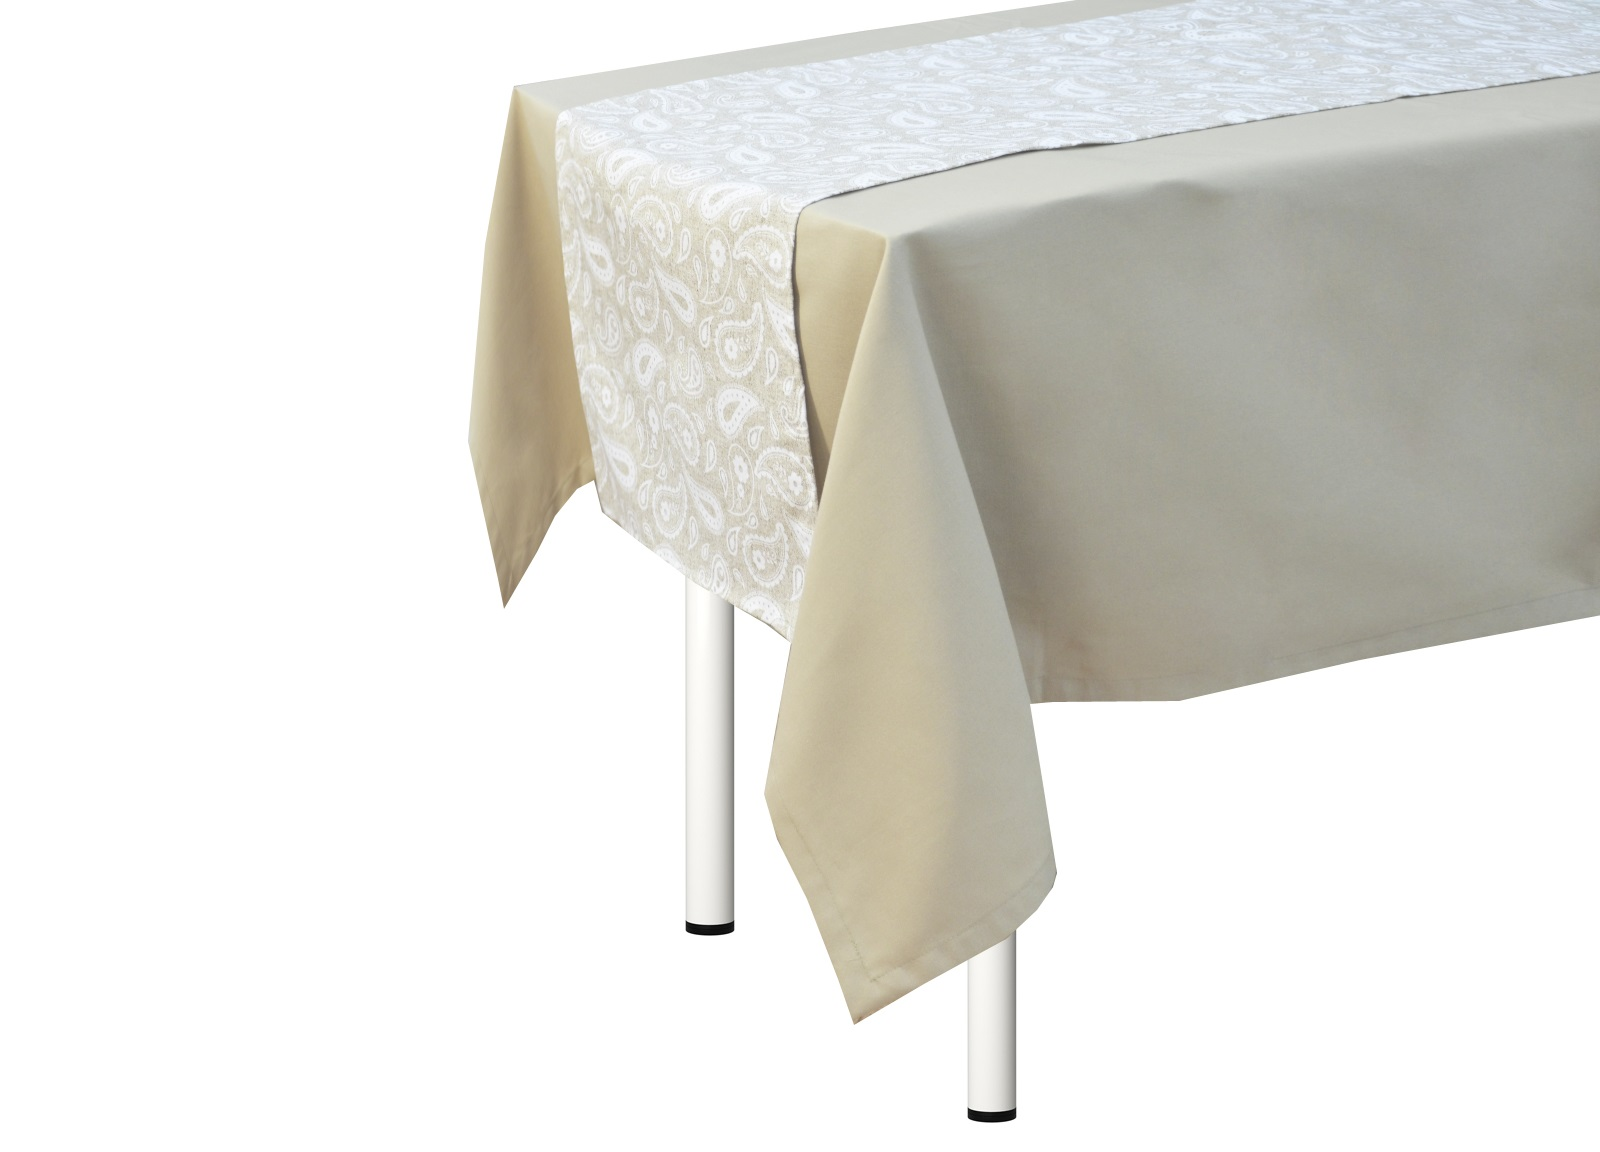 Дорожка на стол Paisley LinoСкатерти<br>Скатерть узкая на стол. Подойдет для романтического стиля и настроения. Яркий дизайн.&amp;amp;nbsp;&amp;lt;div&amp;gt;Ткань прочная ,износоустойчивая.&amp;lt;/div&amp;gt;<br><br>Material: Хлопок<br>Ширина см: 170<br>Высота см: 40